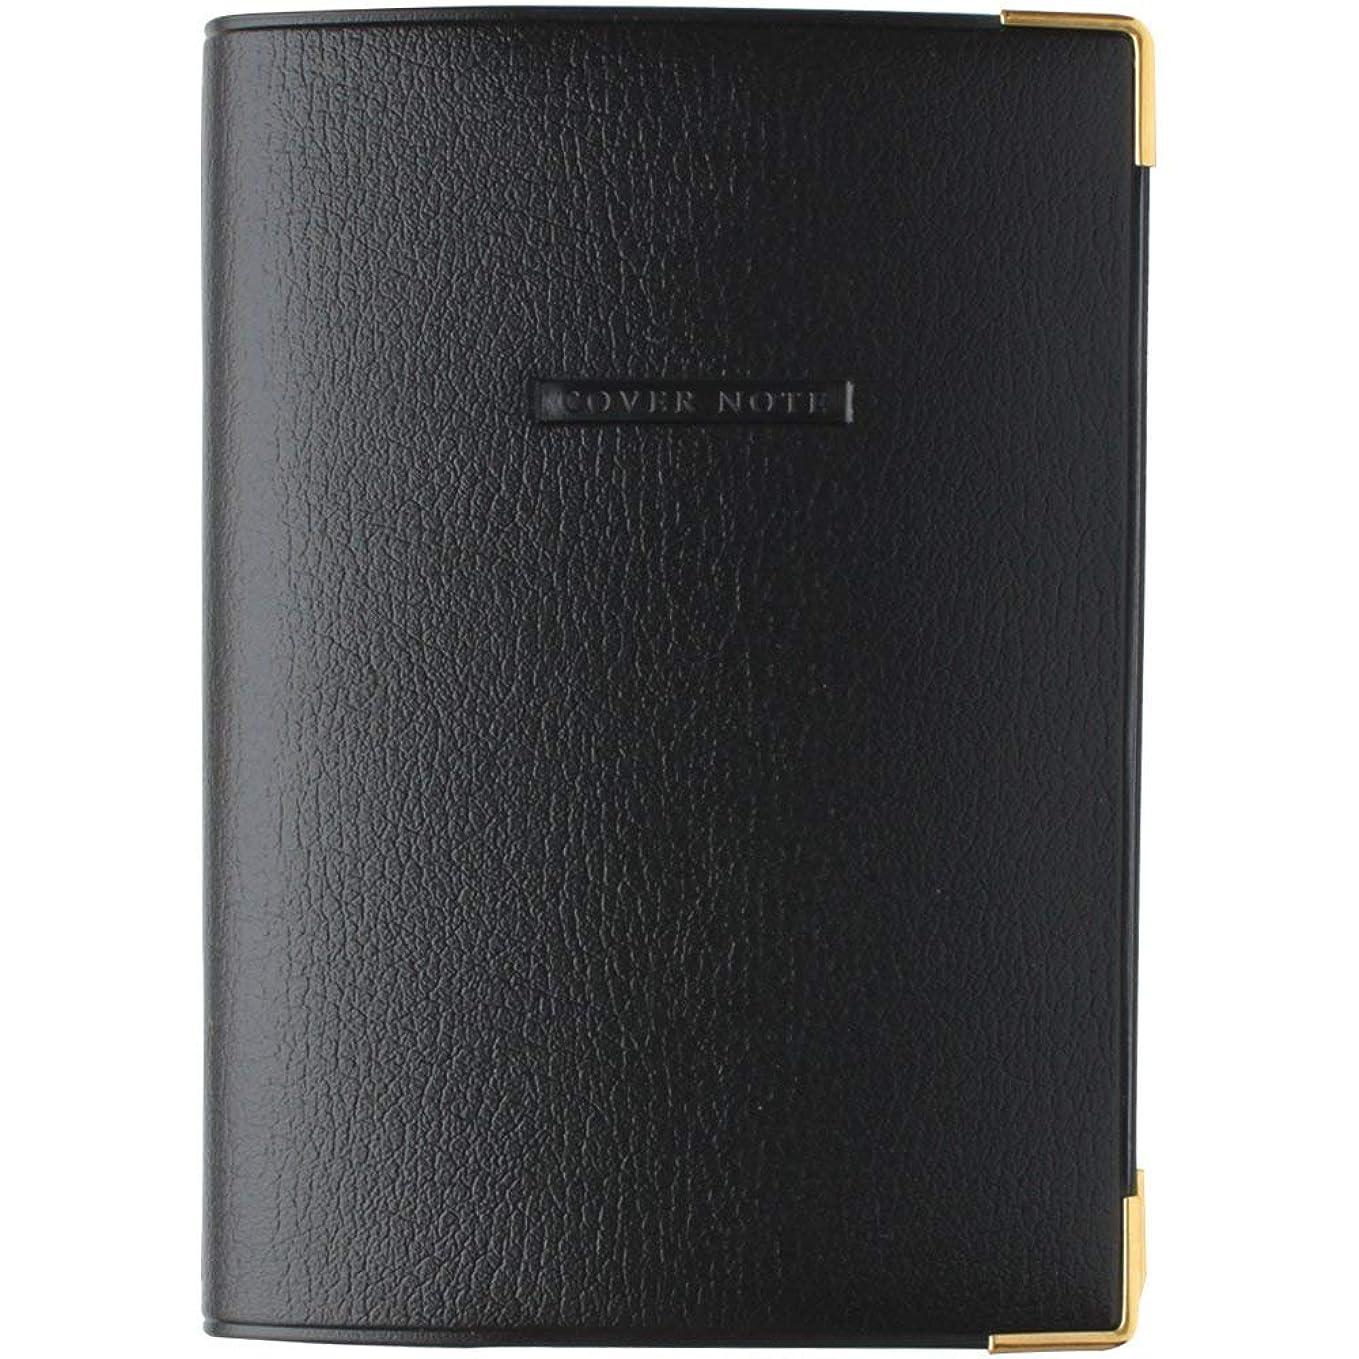 読み書きのできないカニアパルマルマン カバーノート B7 中細罫 96枚 ブラック N430-05 【まとめ買い2冊セット】